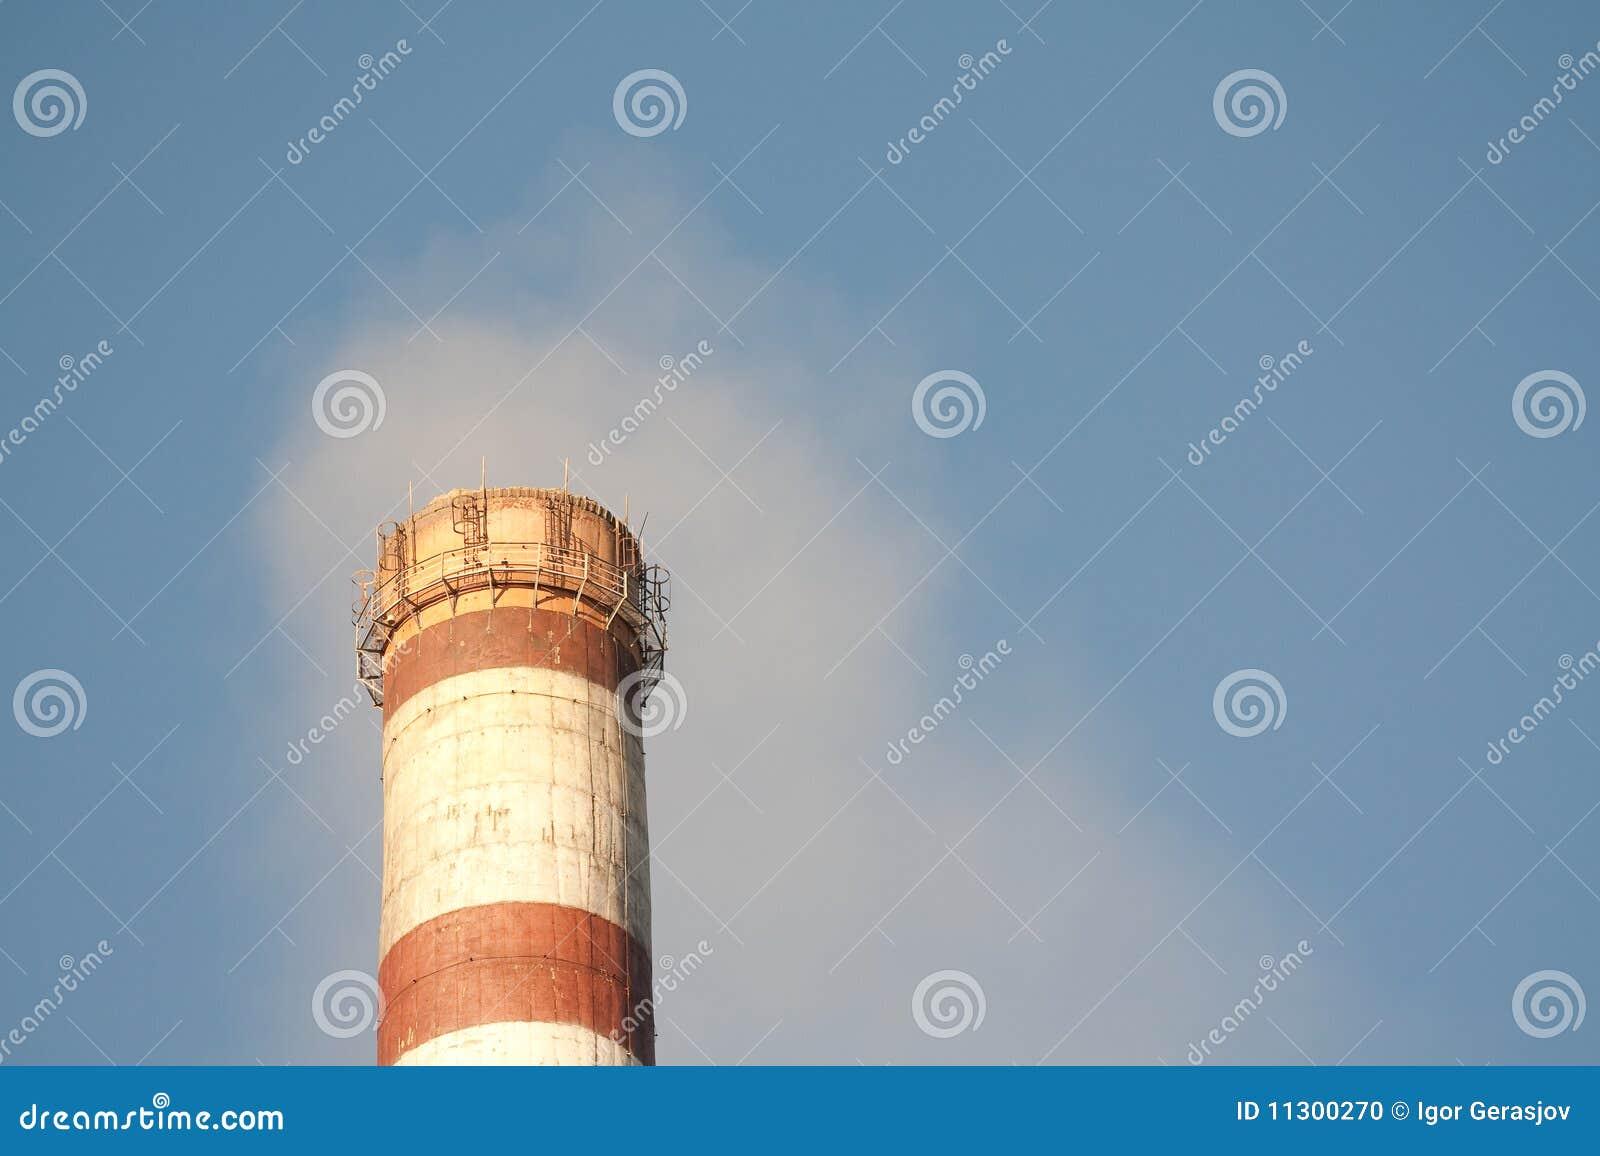 Industrielle Verunreinigung der Luft